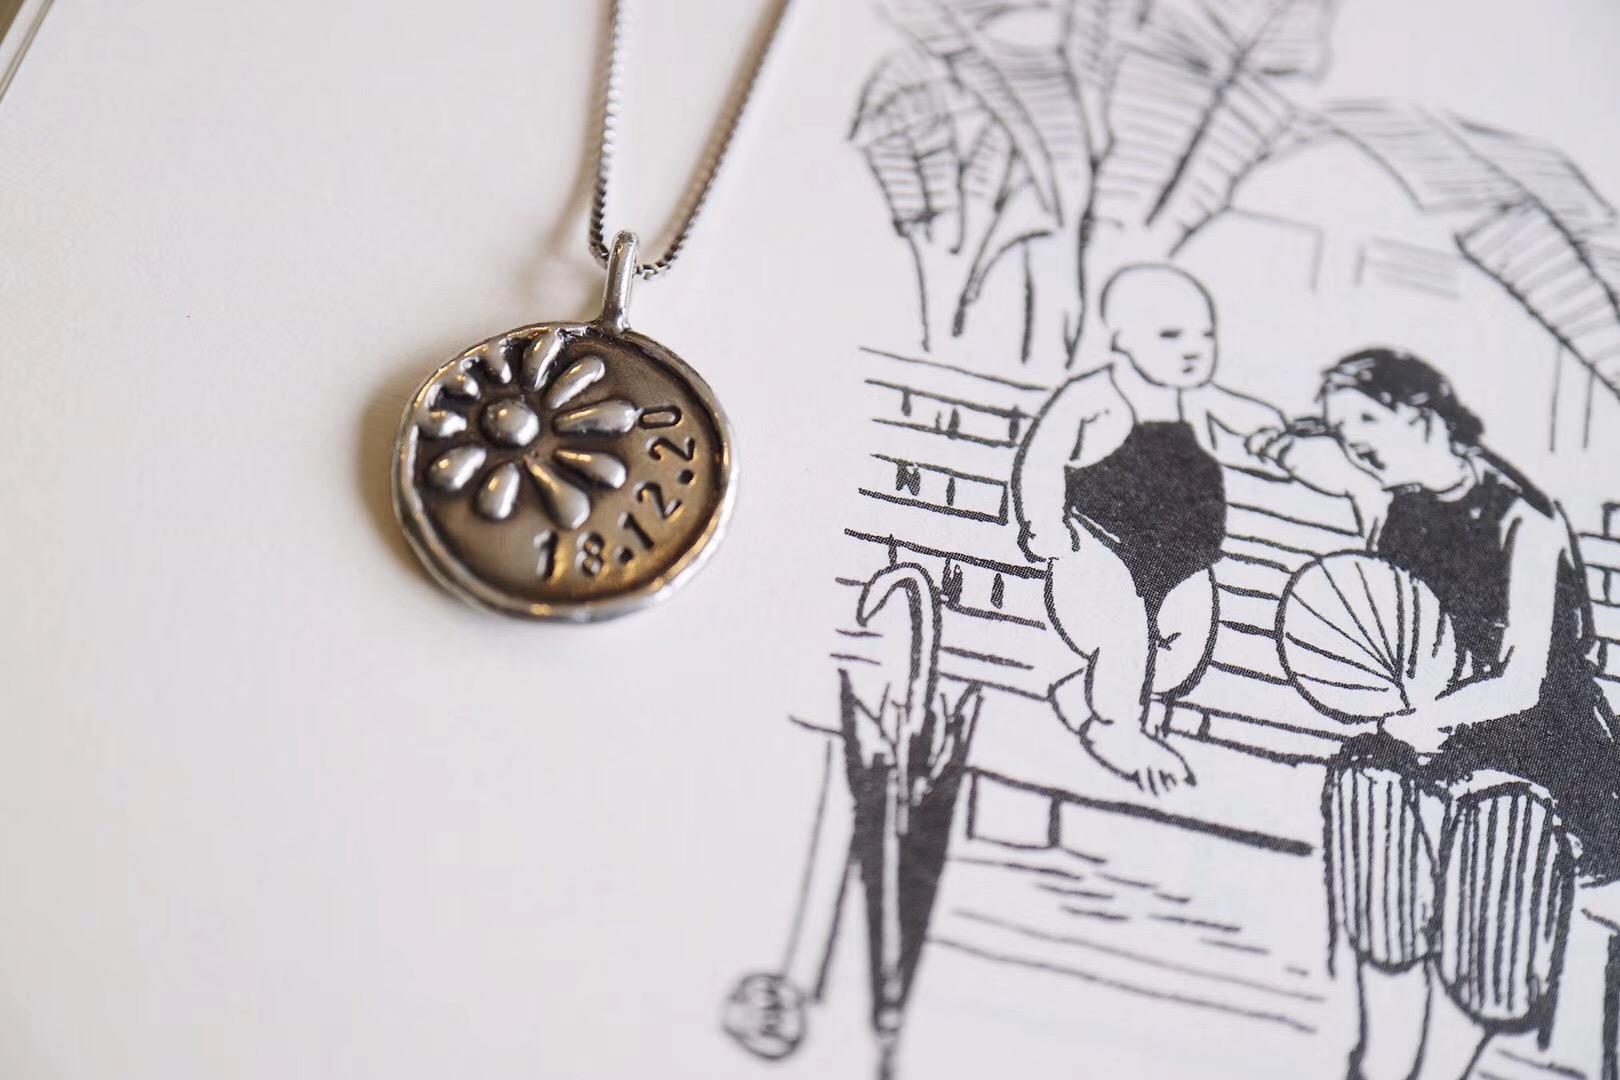 菩心晶舍老师傅纯手工雕刻的双面时间牌,颇有纪念意义-菩心晶舍